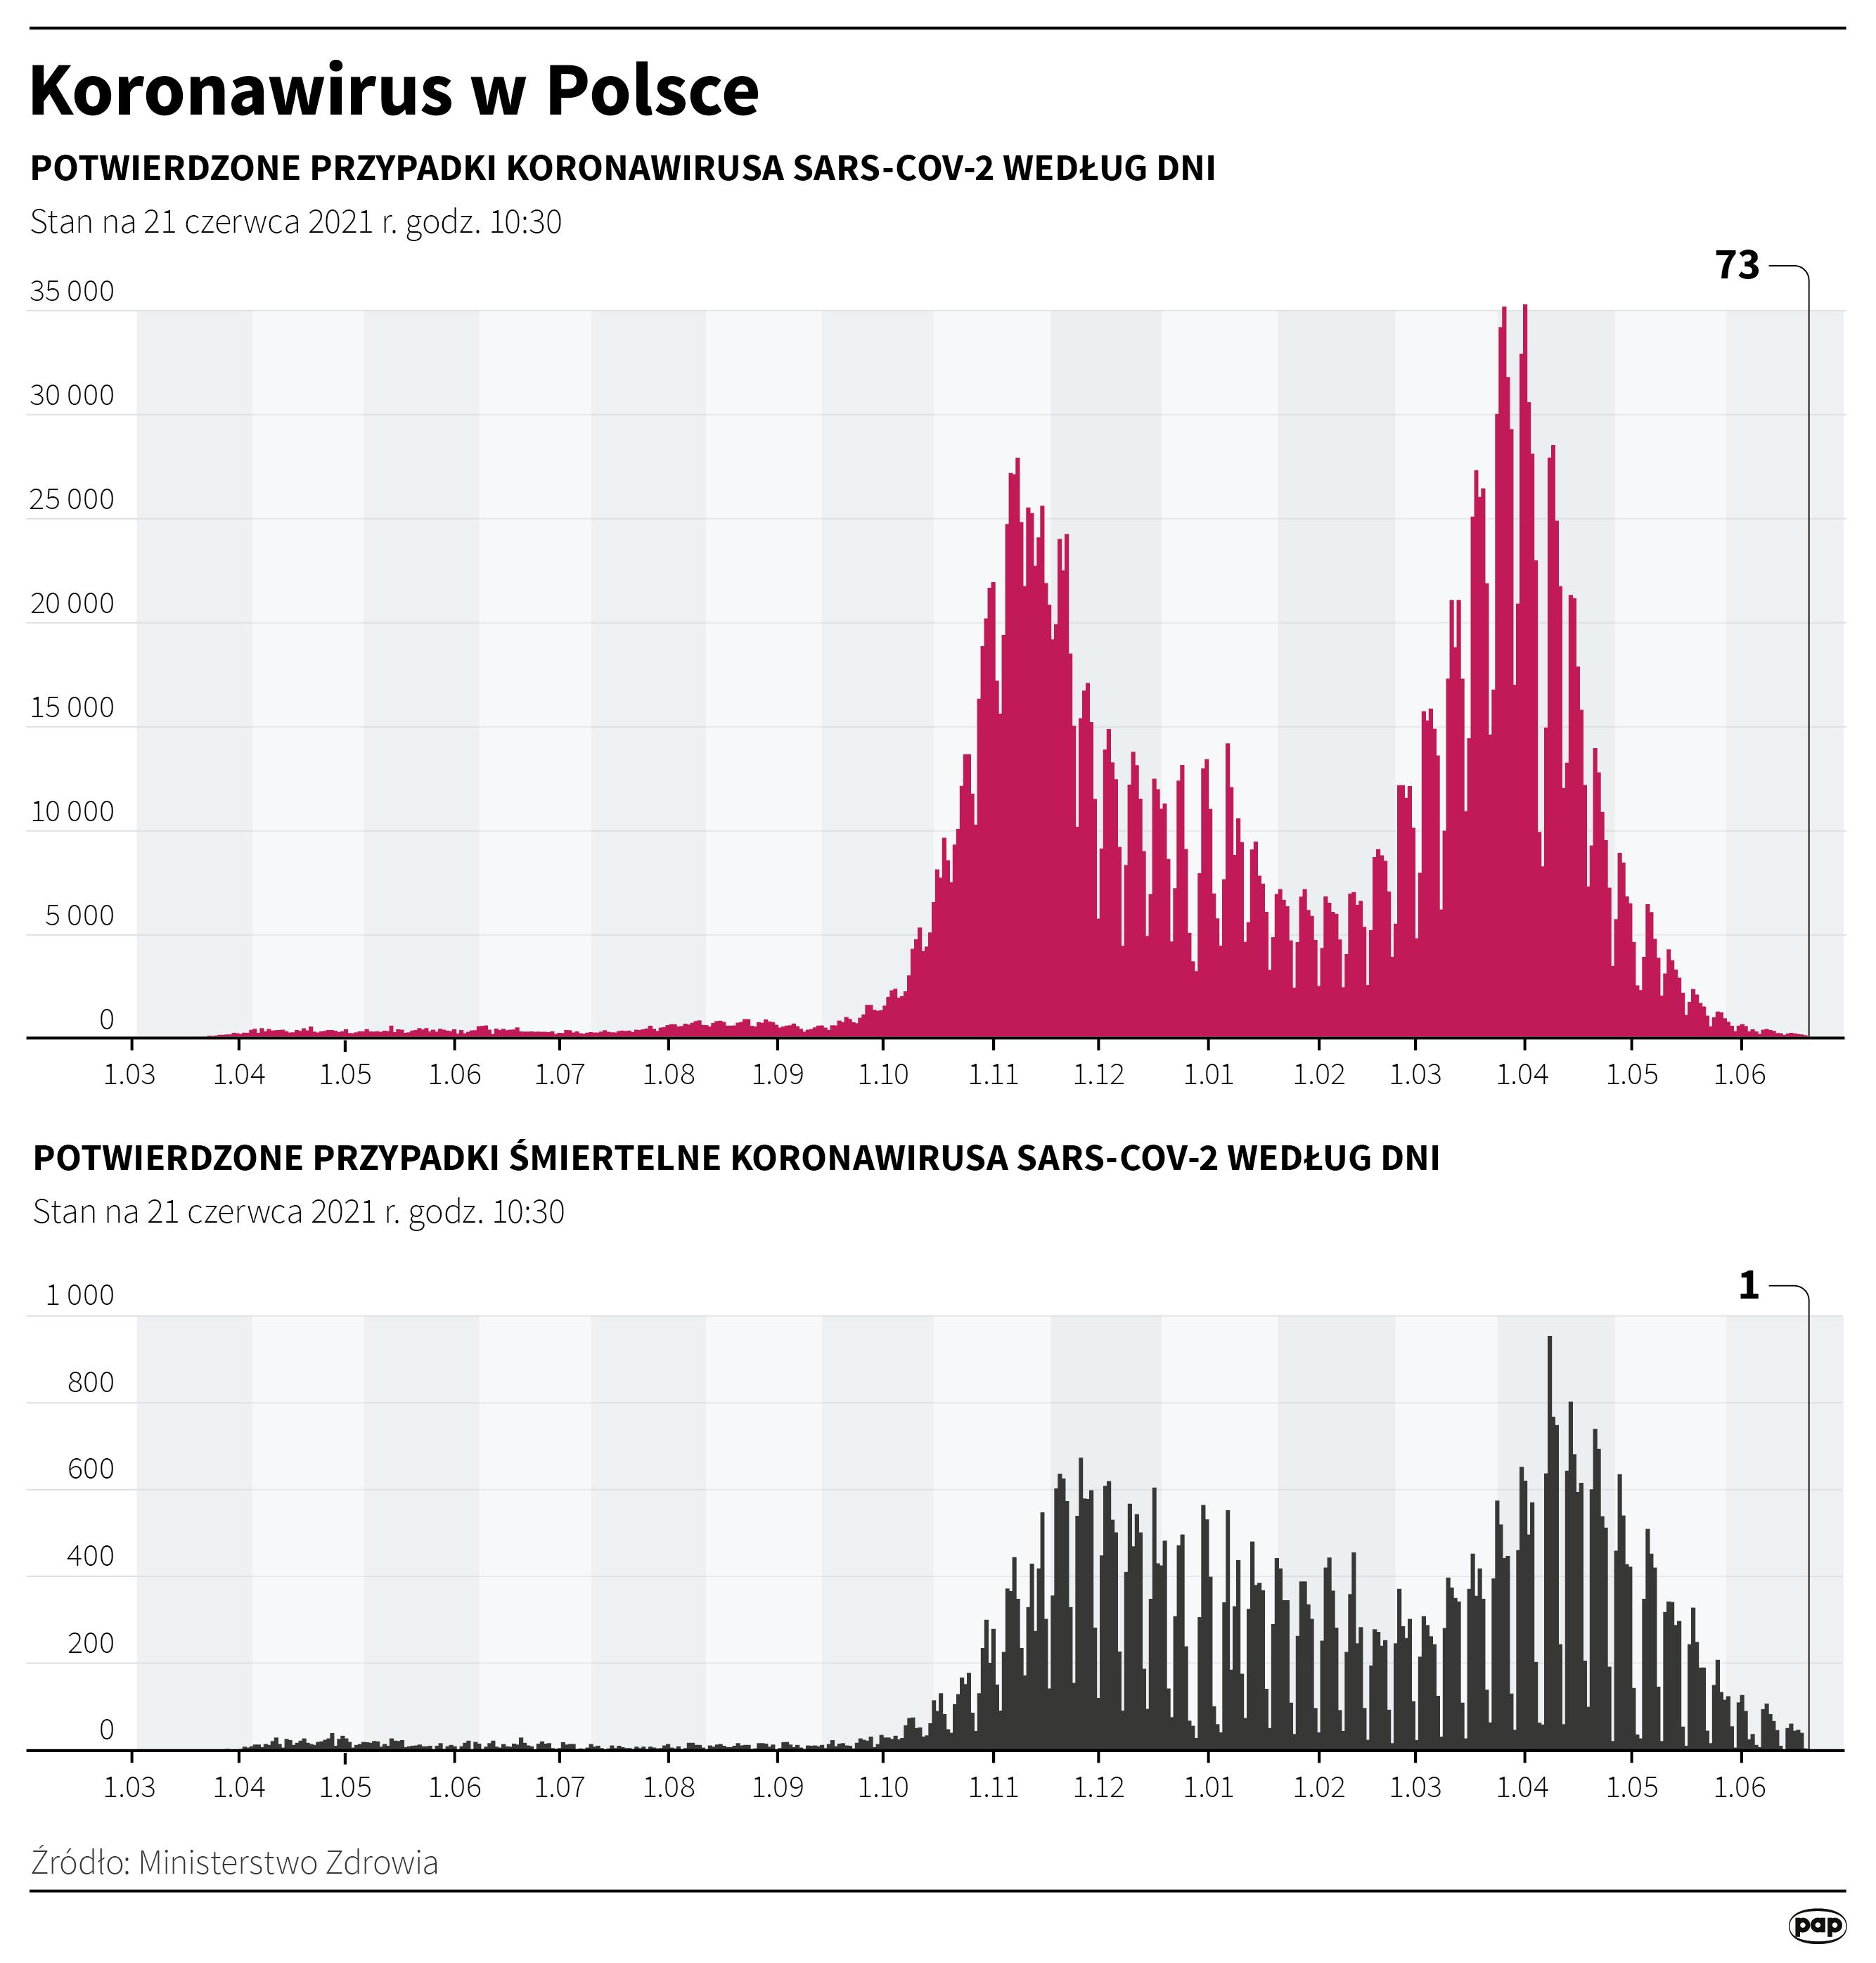 Koronawirus w Polsce - stan na 21 czerwca [Autor: Maciej Zieliński, źródło: PAP]